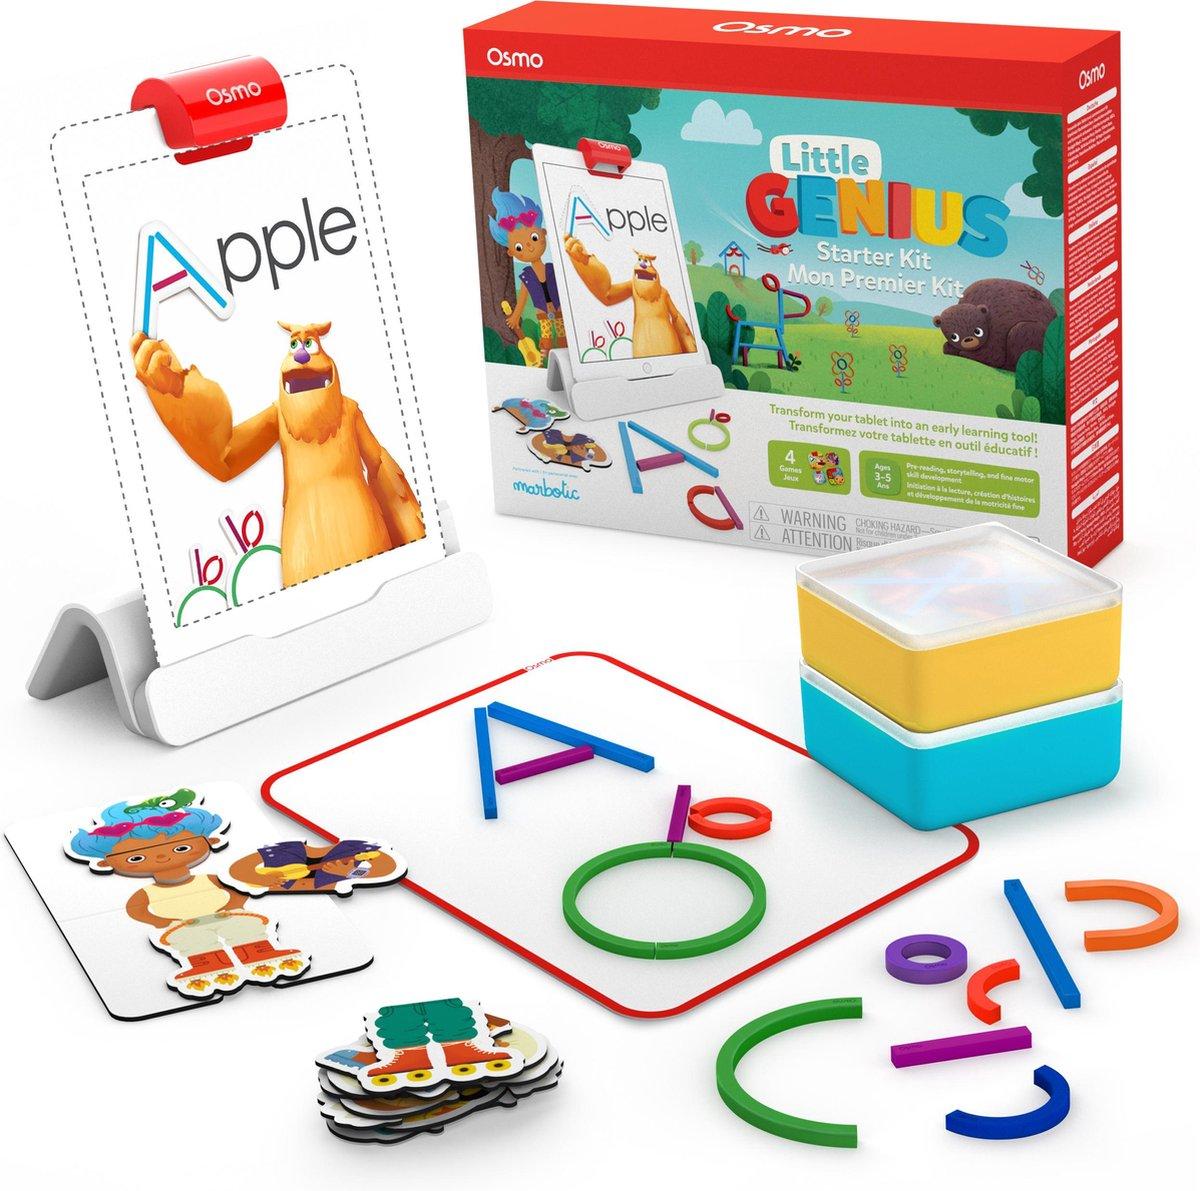 Osmo Little Genius Starter Kit - Educatief speelgoed voor iPad